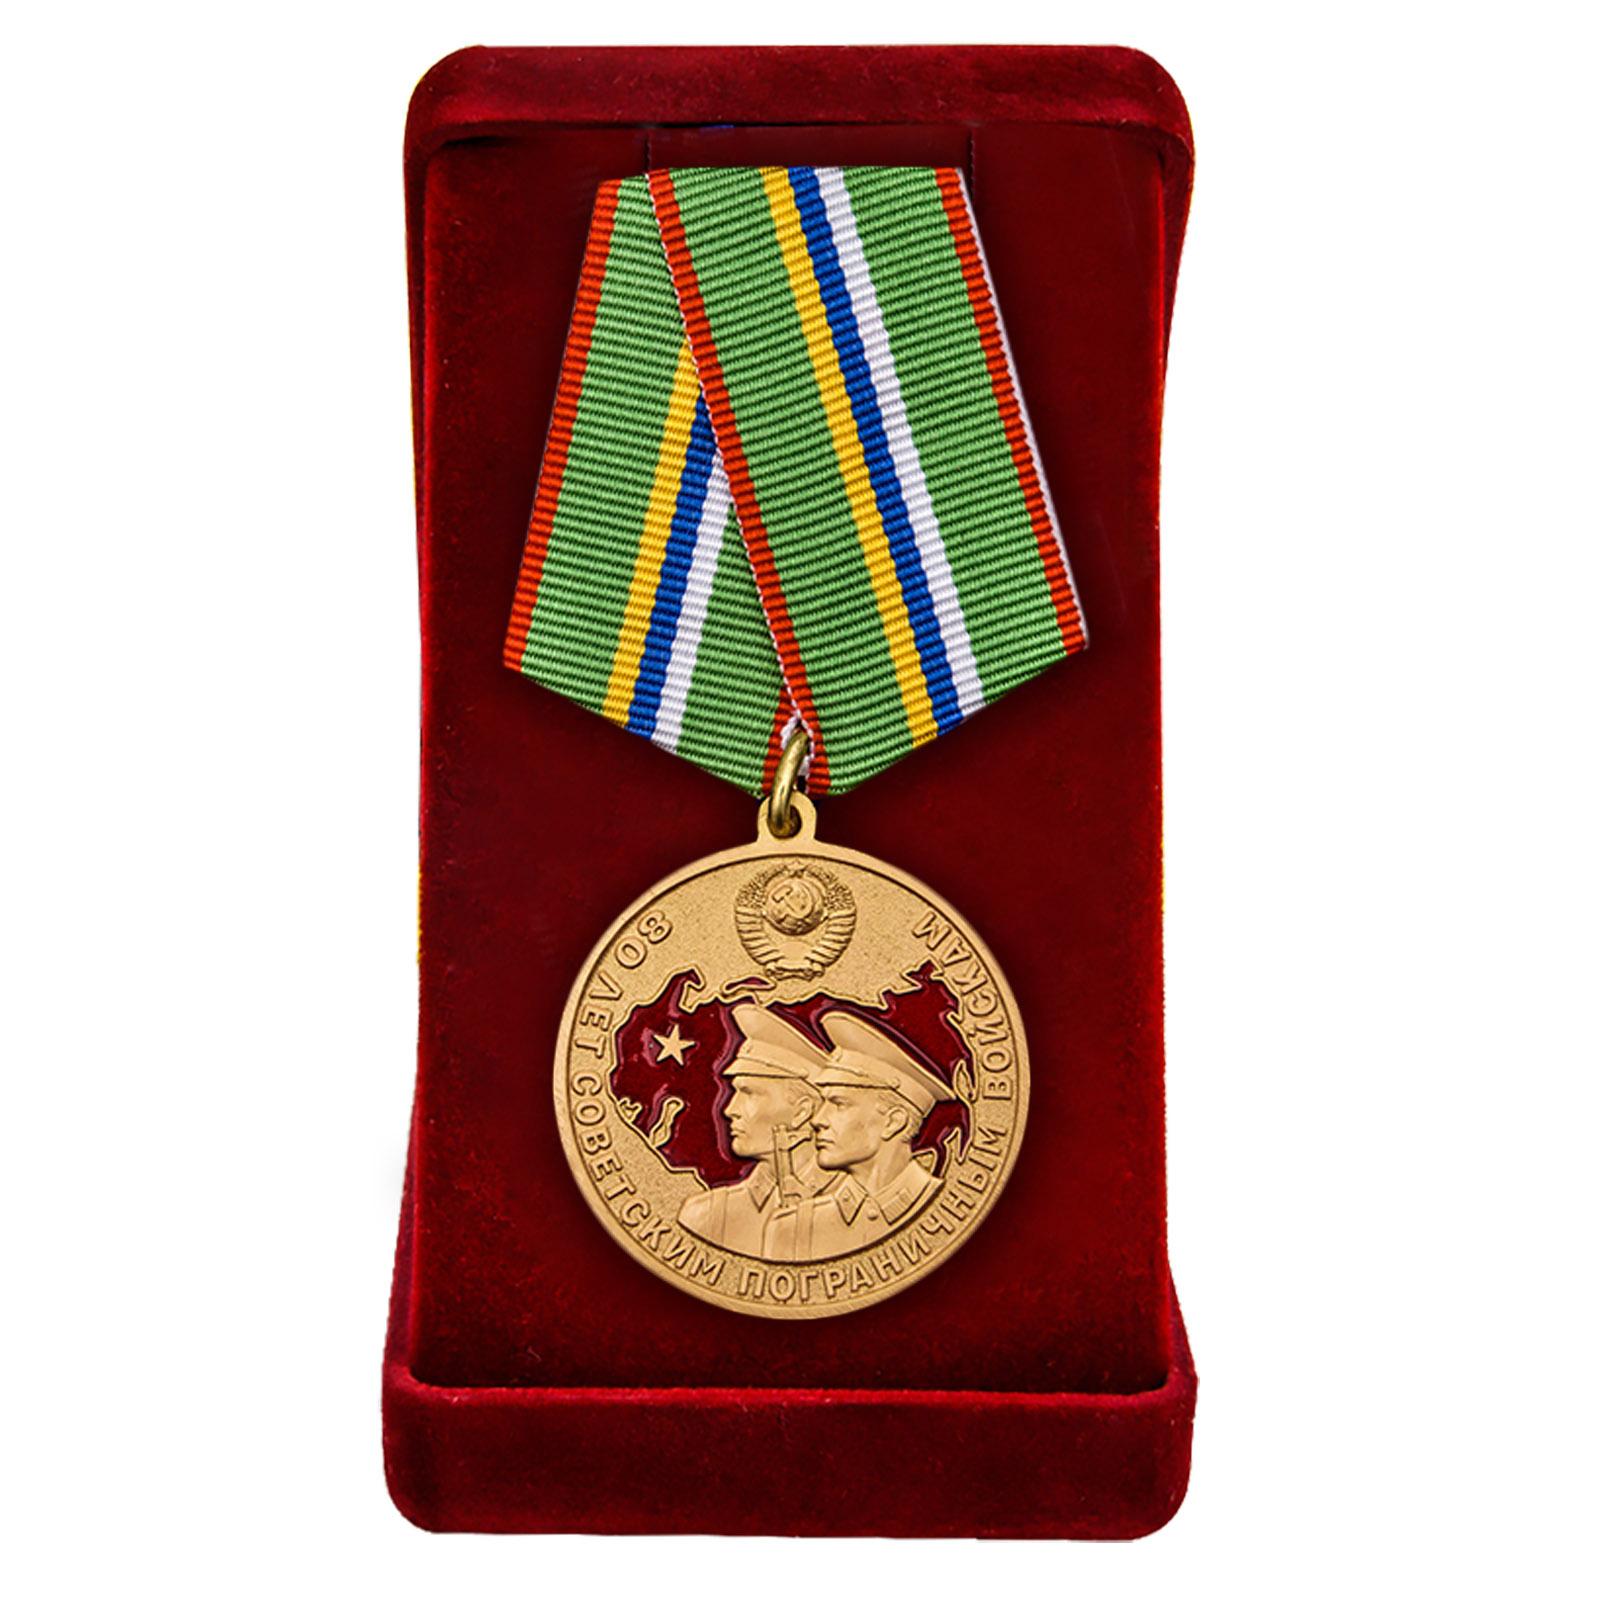 Купить латунную медаль 80 лет Пограничным войскам оптом или в розницу